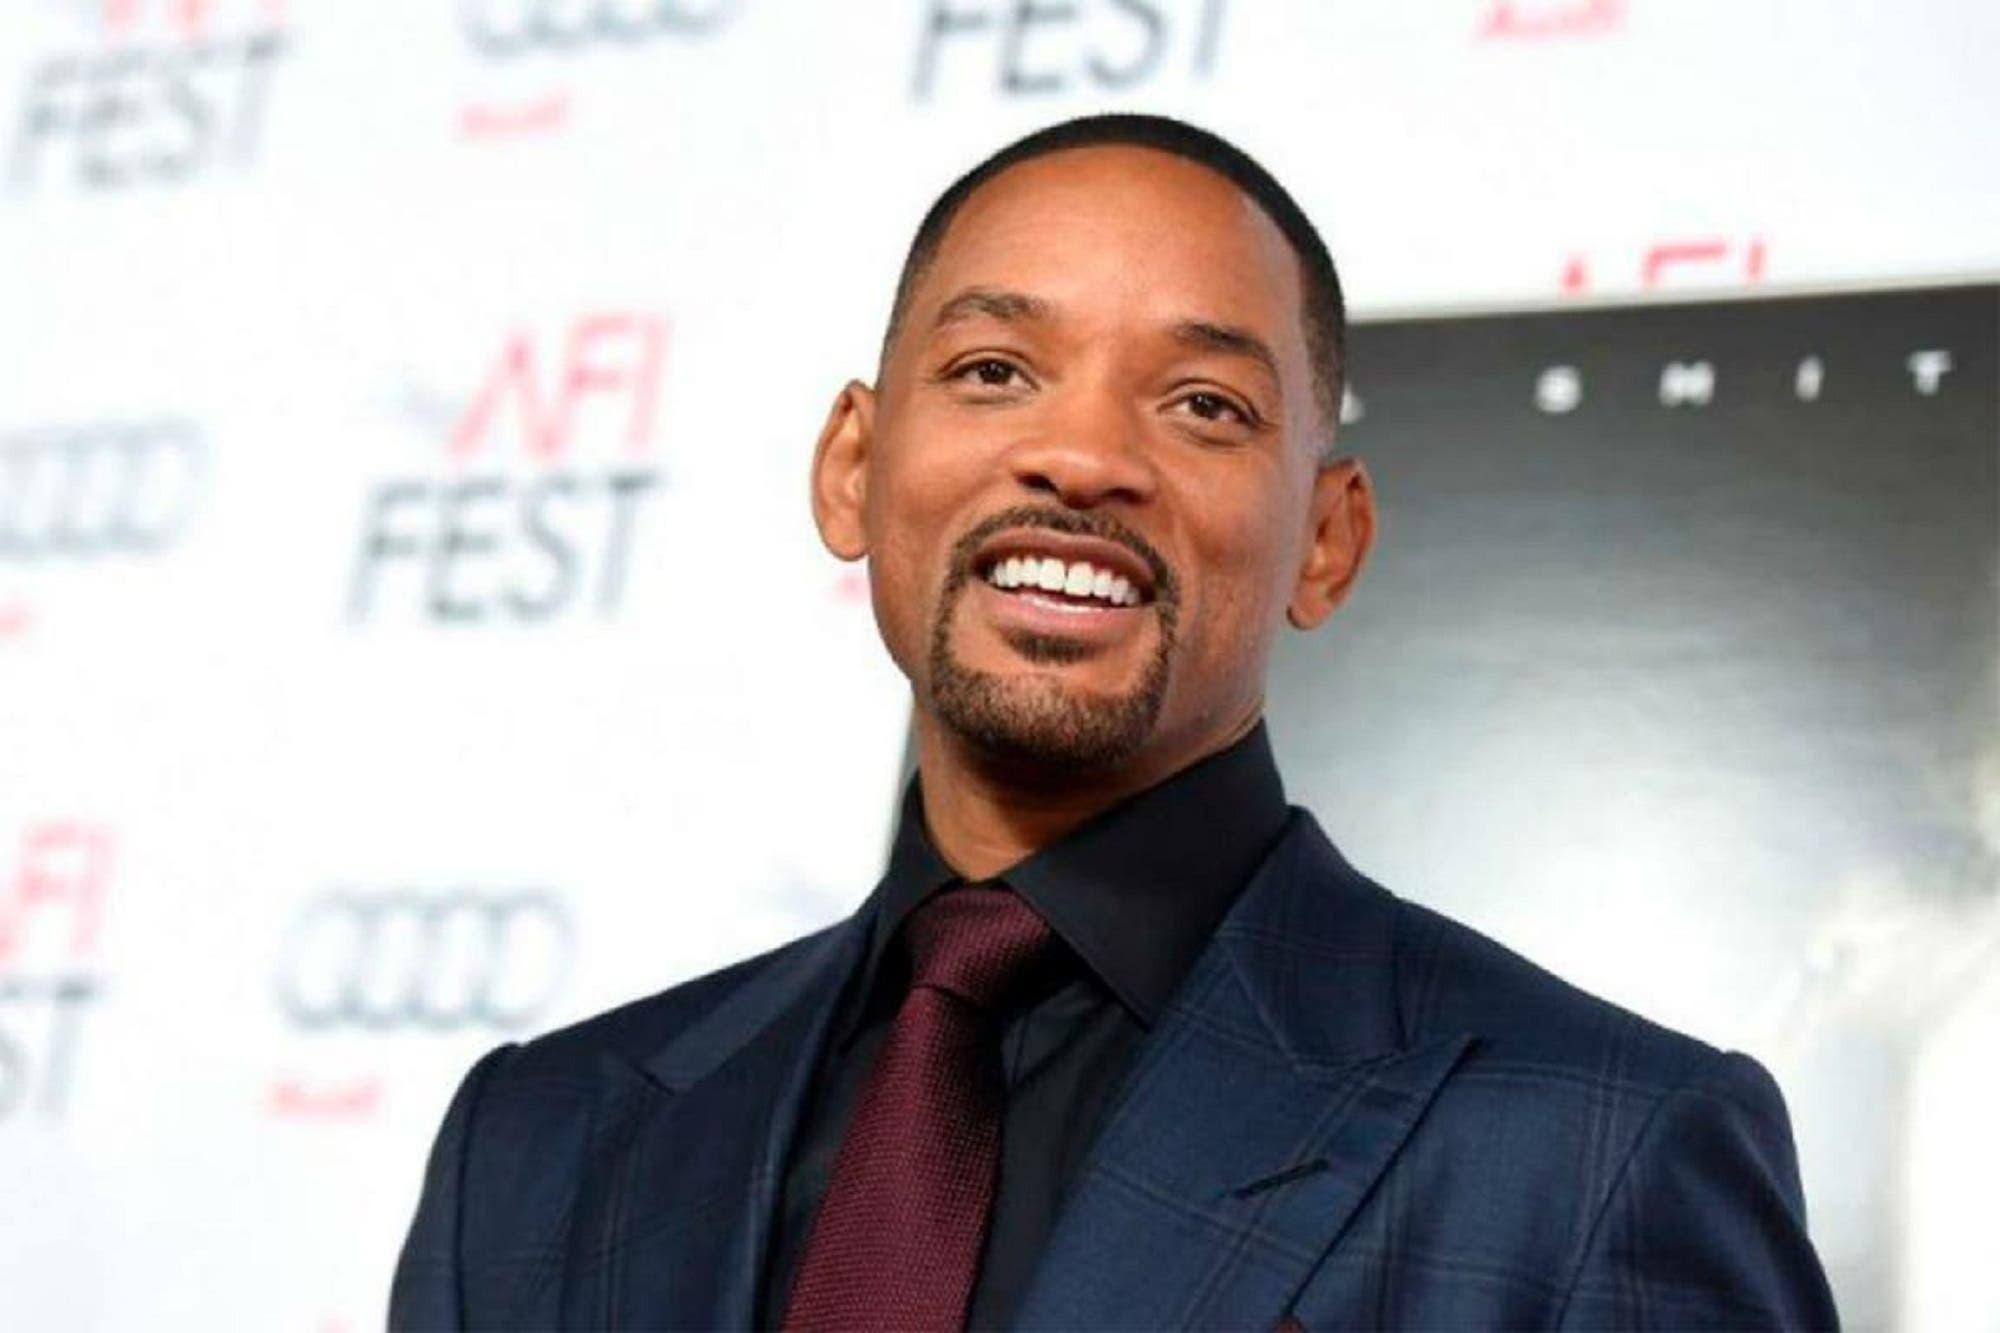 La dura historia de Will Smith: maltrato infantil, un divorcio traumático y la mala relación con su hijo